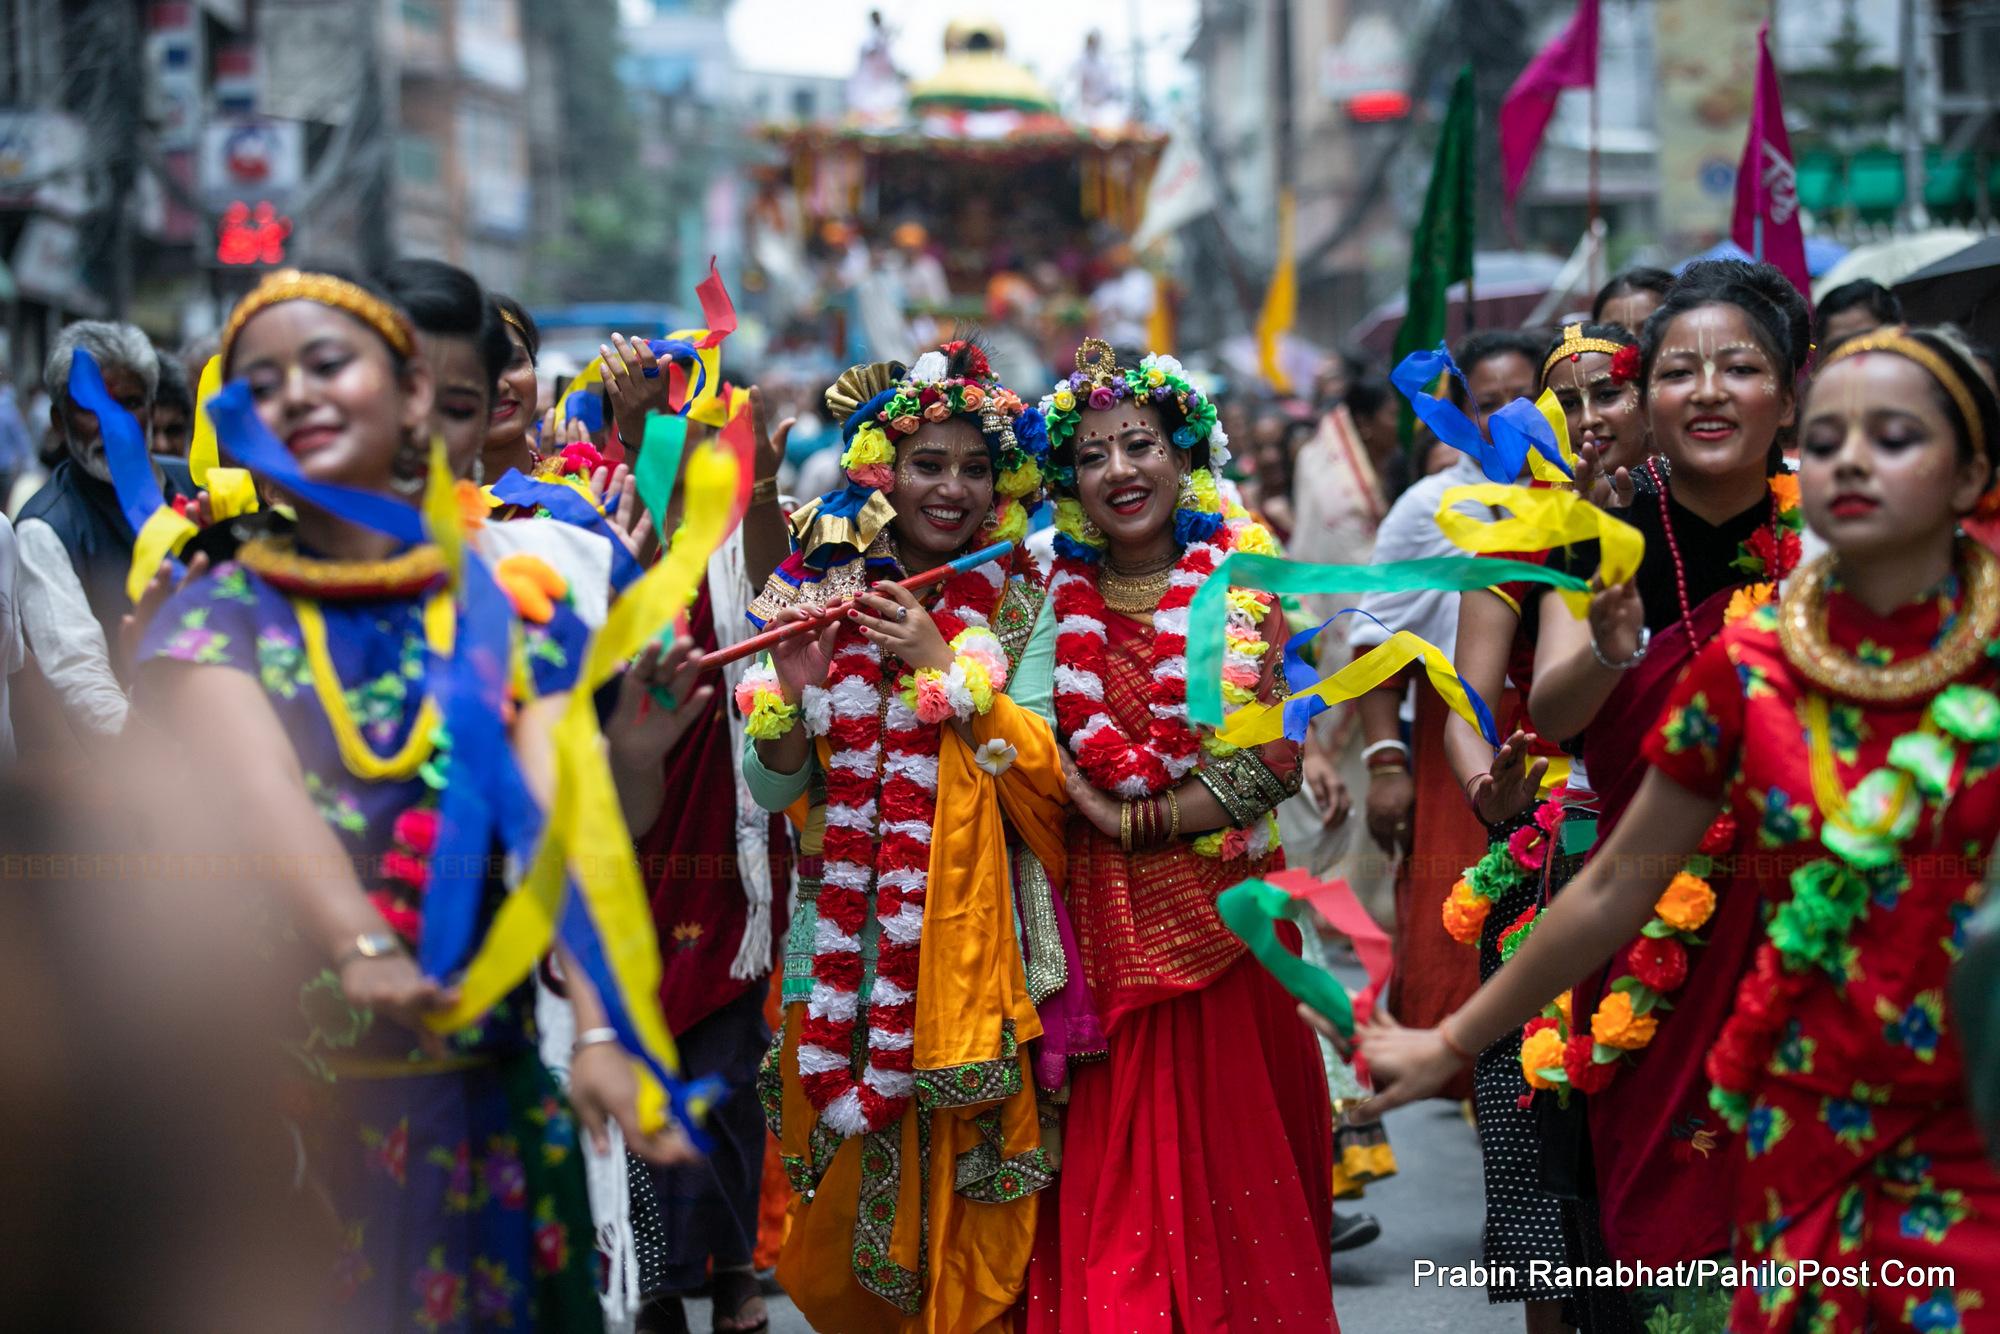 हेर्नुस् राजधानीमा जगन्नाथको रथयात्रा, भारत र विश्वका अन्य मुलुकमा पनि मनाइयो